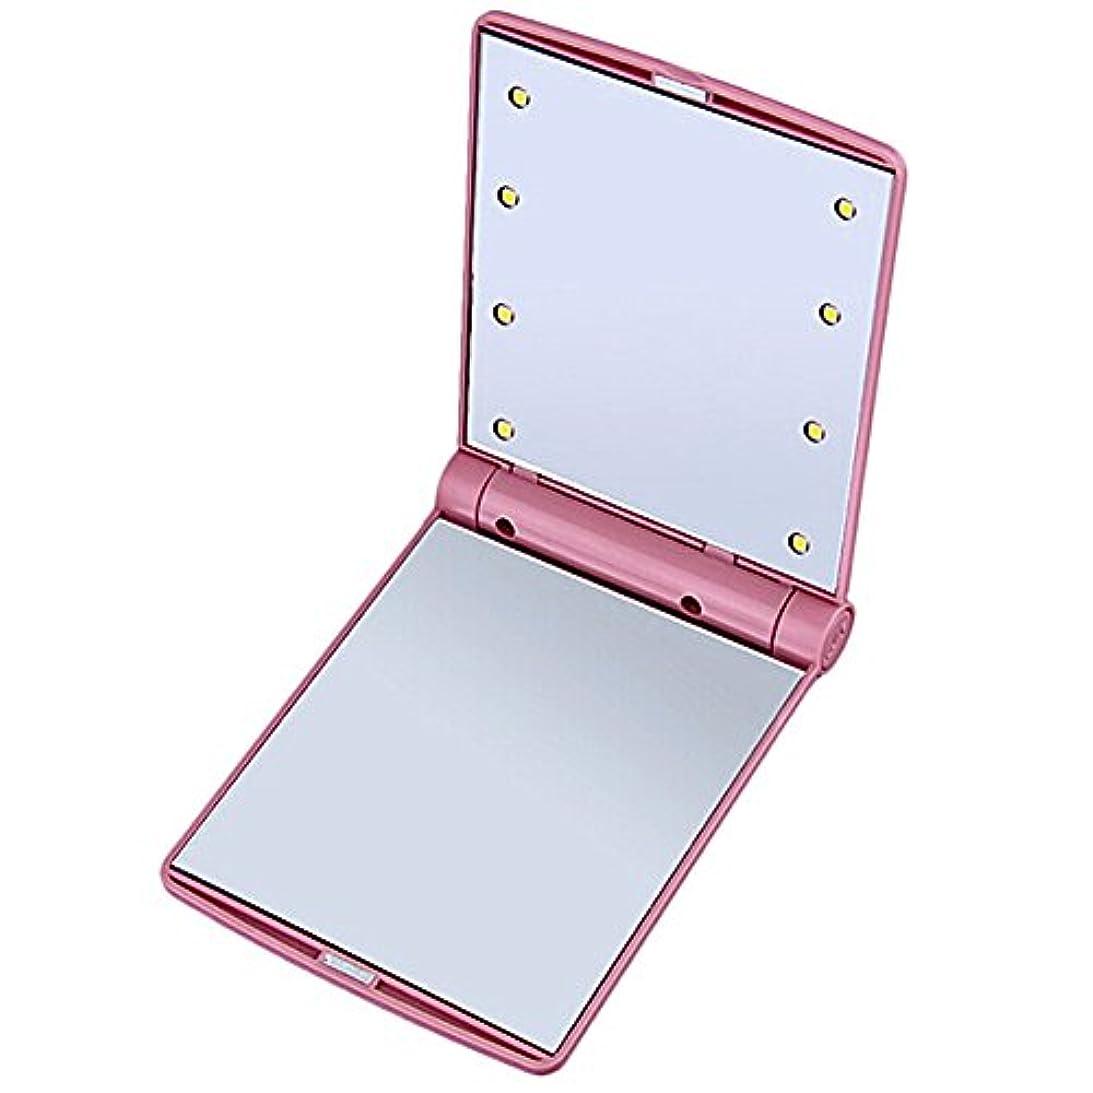 多年生新しさ一時停止QIAONAI 鏡 化粧鏡  LEDライト付き  コンパクトミラー 化粧鏡  LEDミラー  女優ミラー  折りたたみ式 二面鏡  スタンドミラー   コンパクト  LEDライト8個 女性